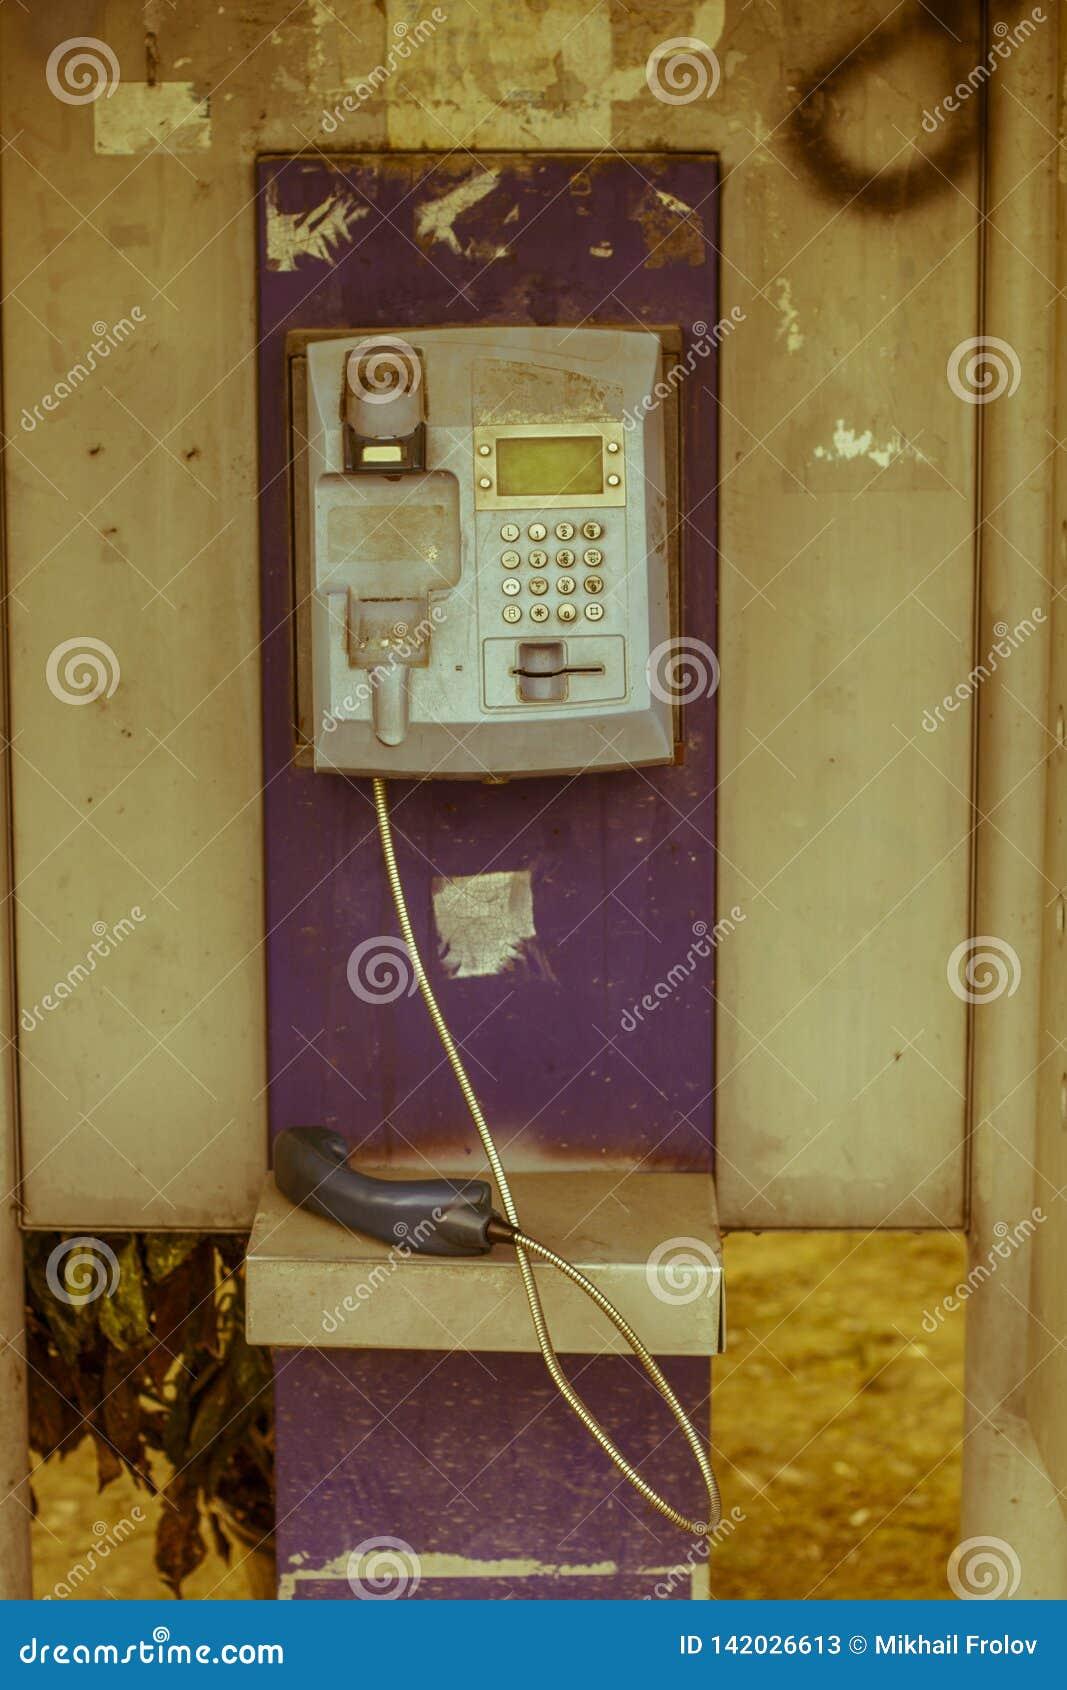 Stary payphone za usłudze w mieście - -